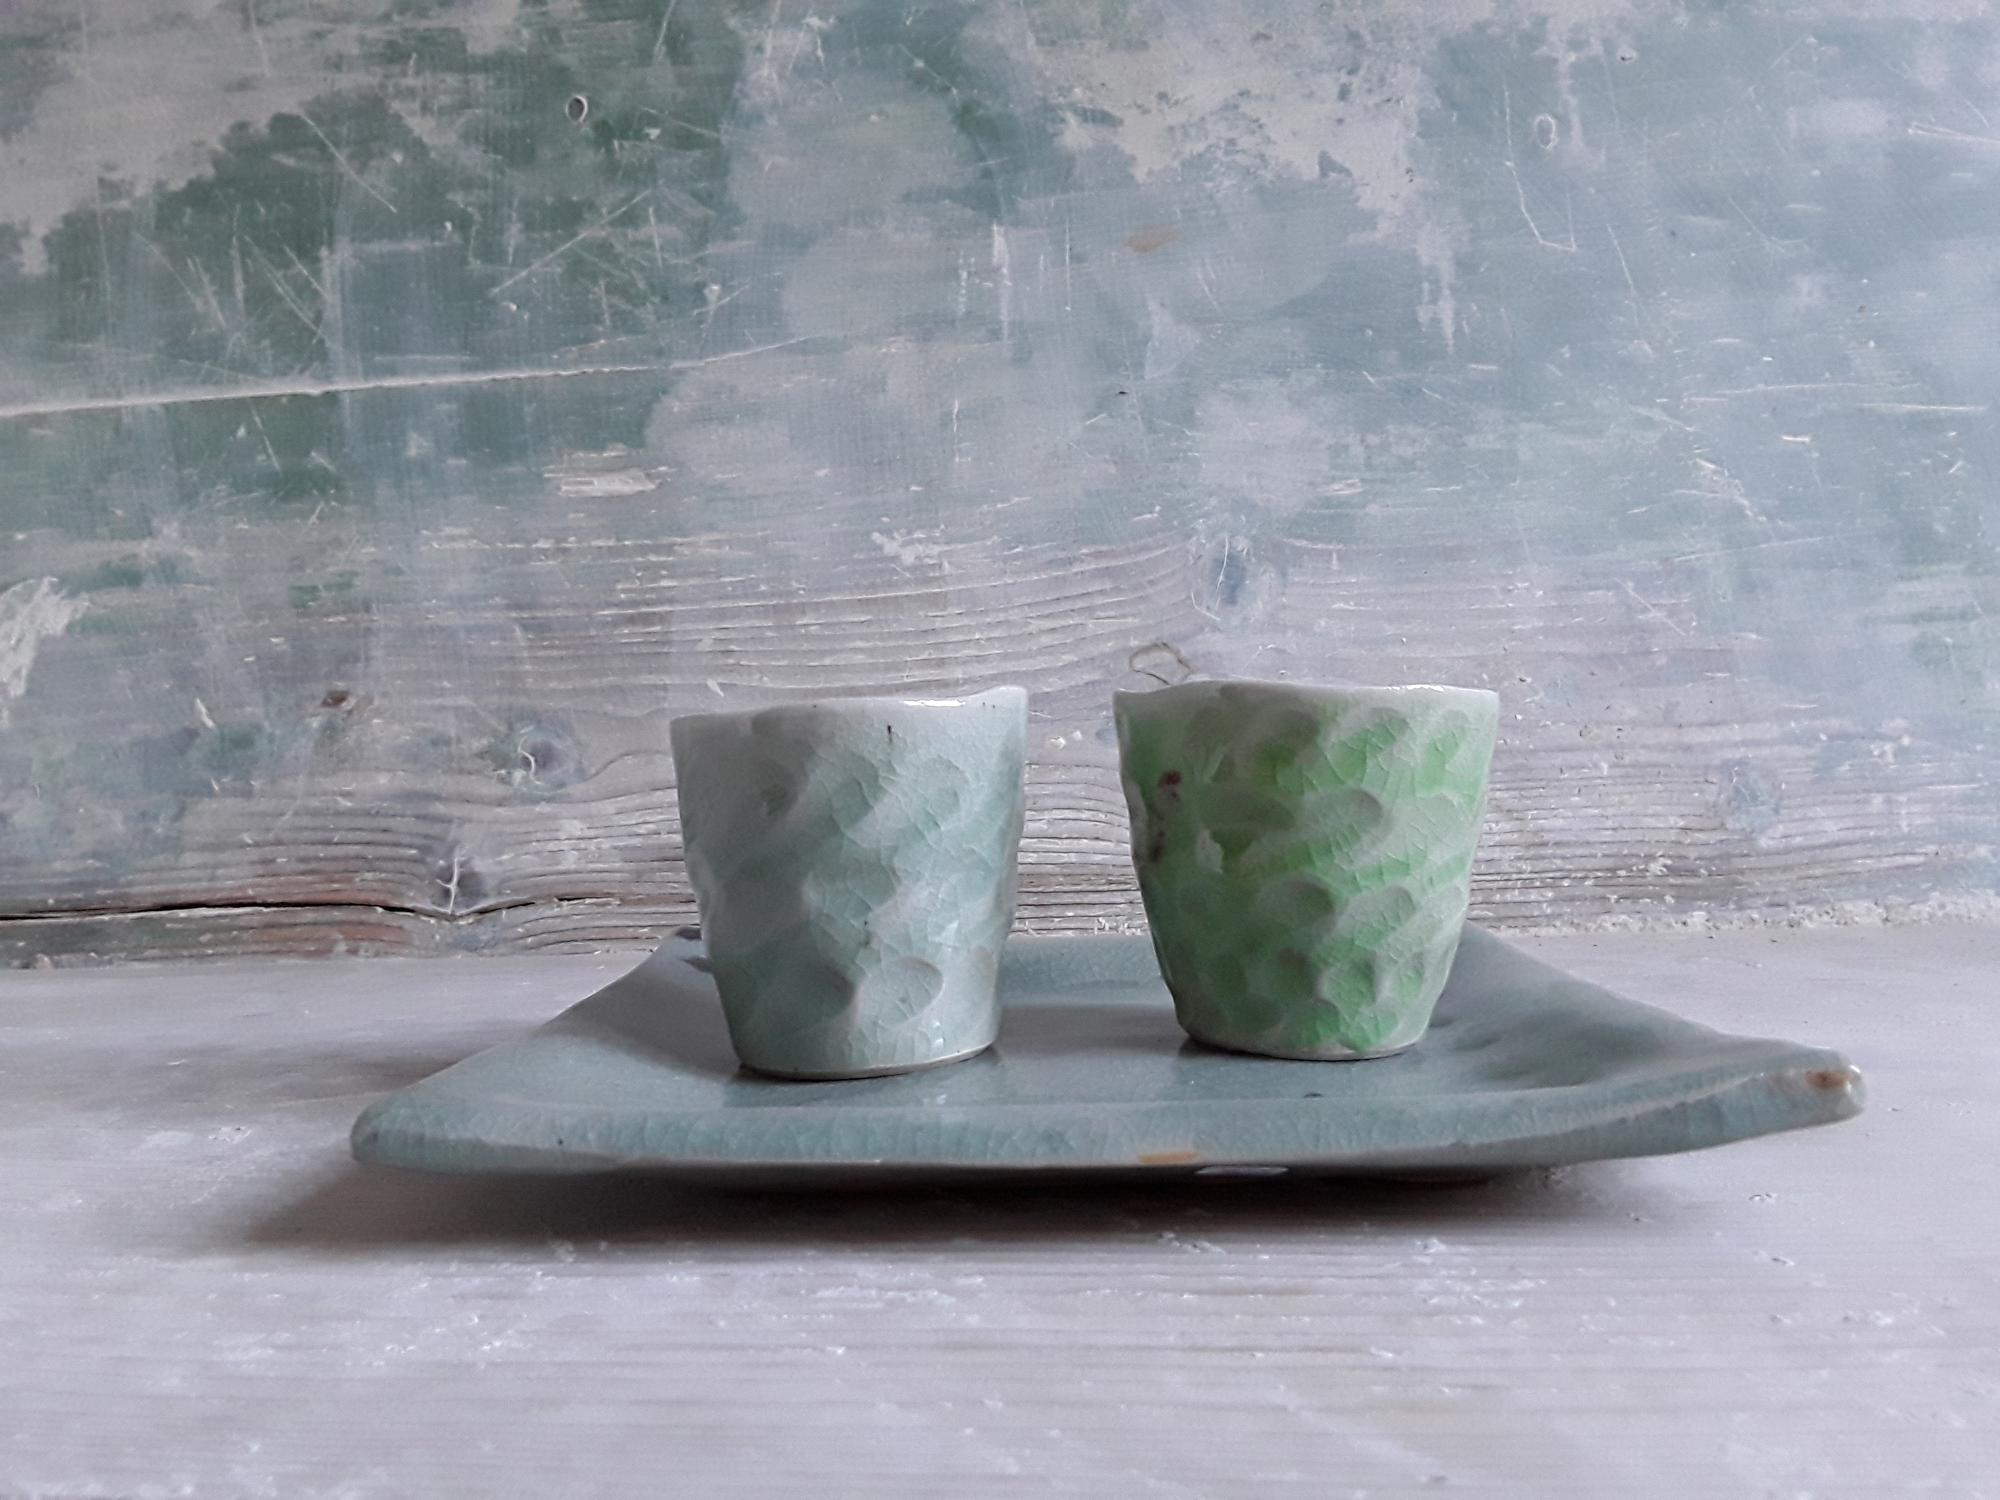 keramik_sturm-kerstan_9